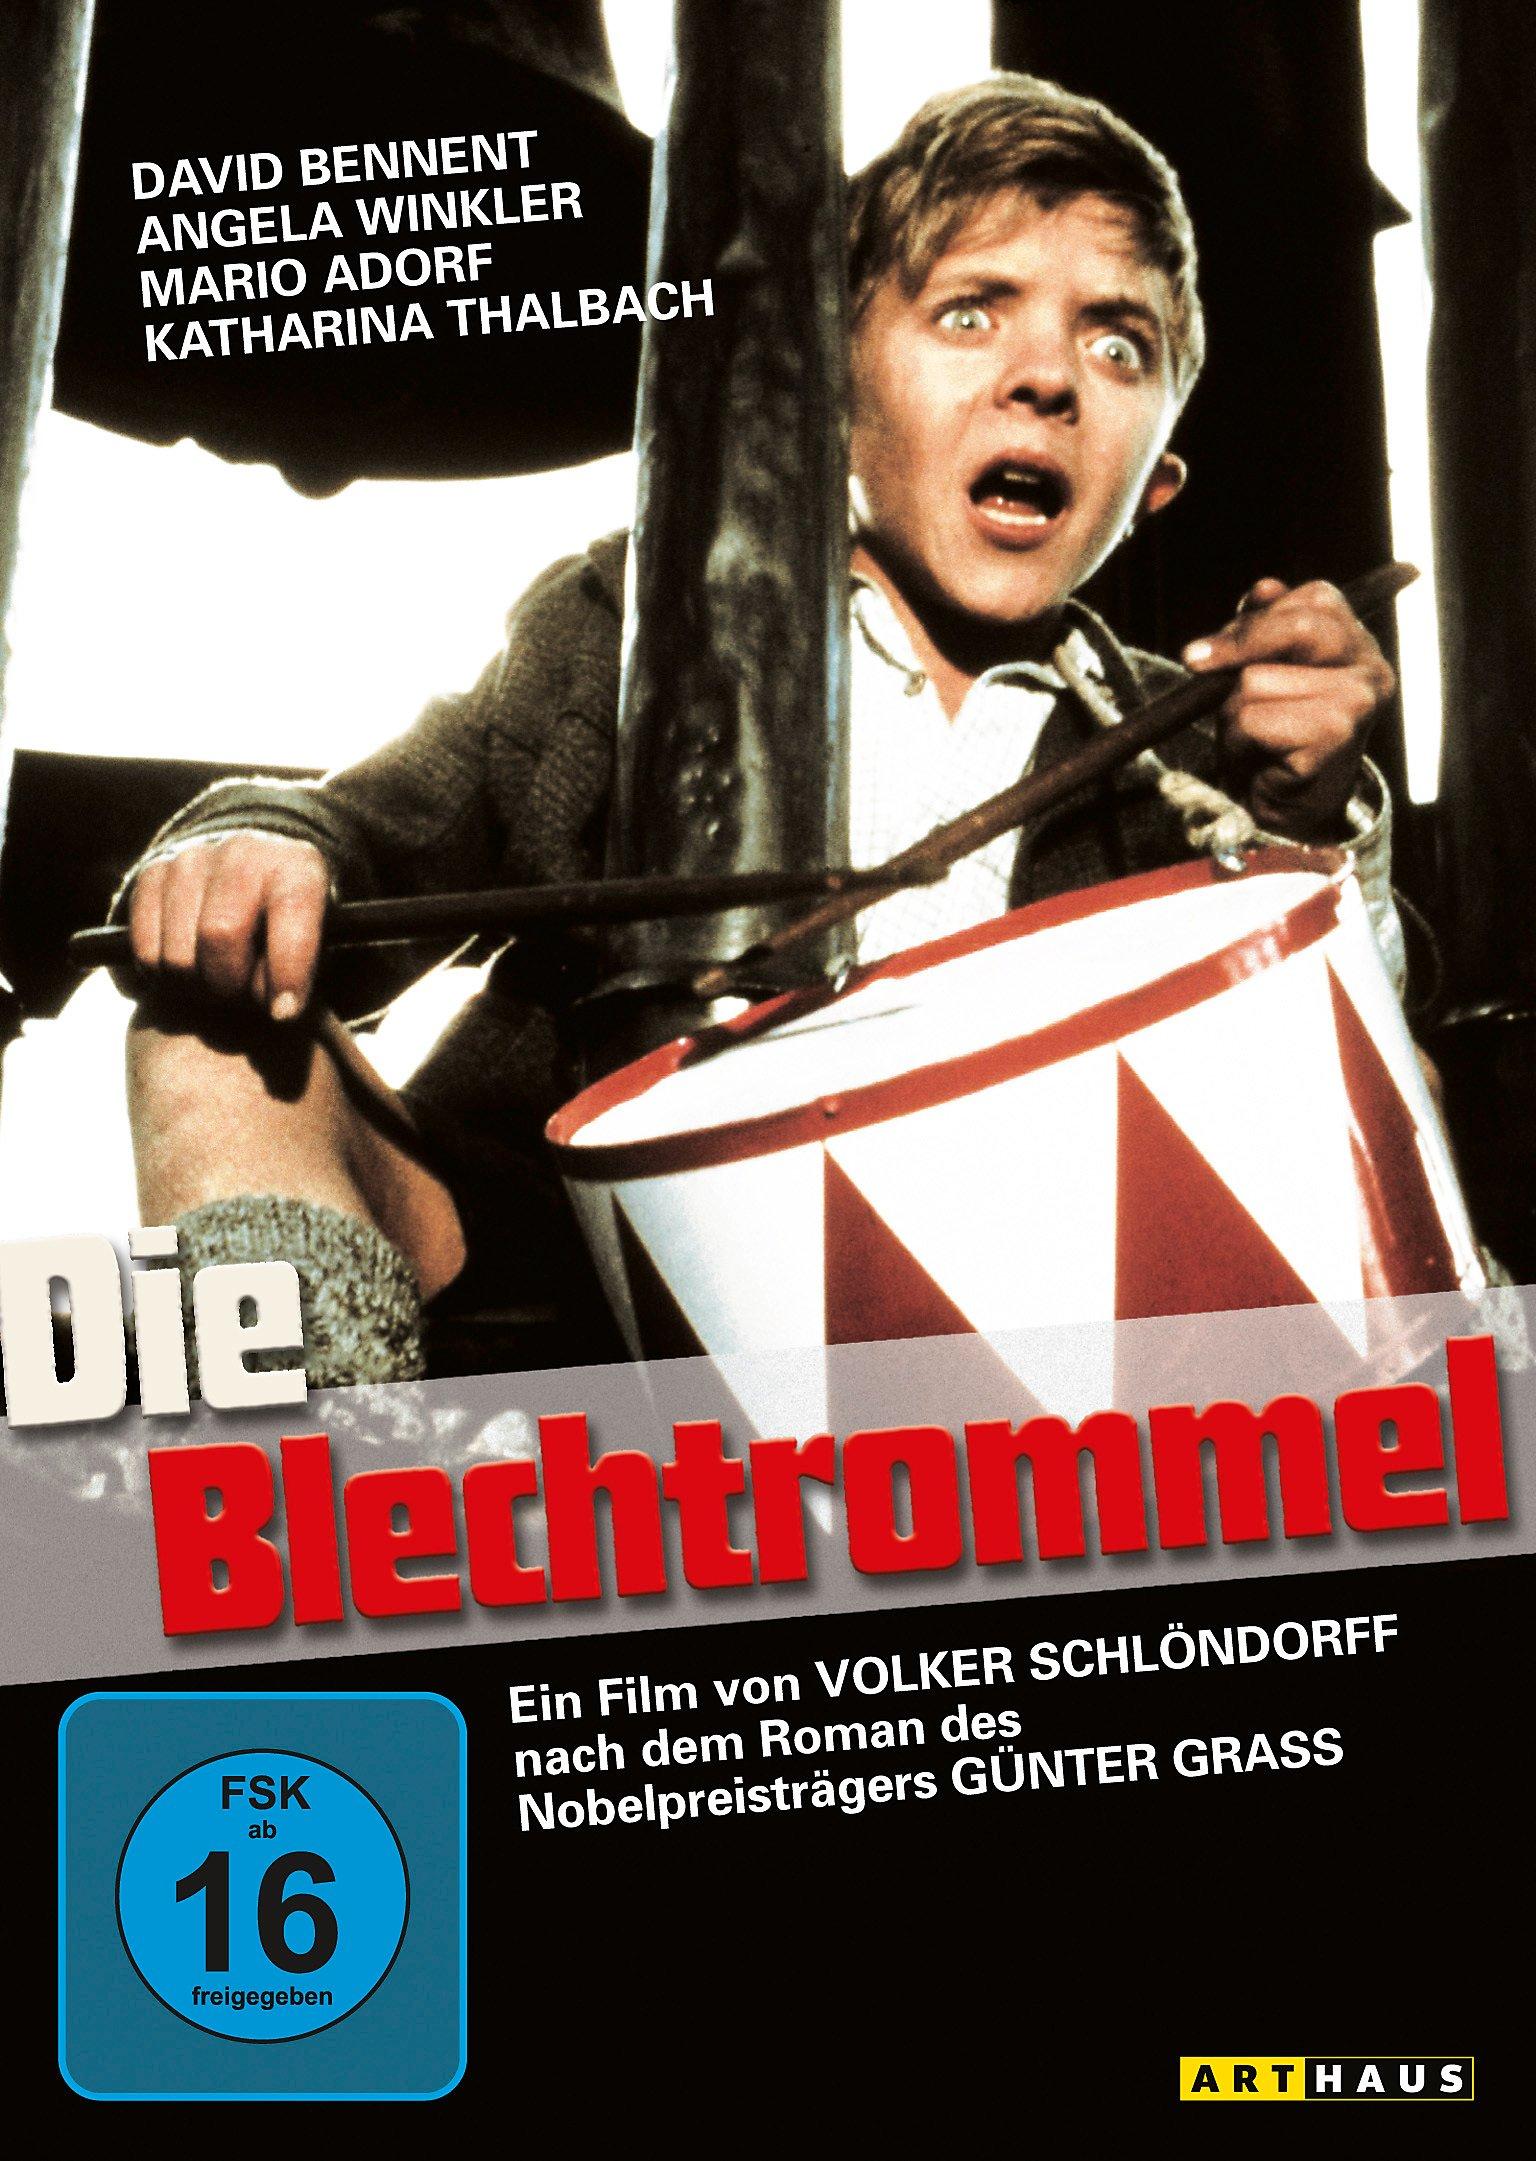 Die Blechtrommel Film